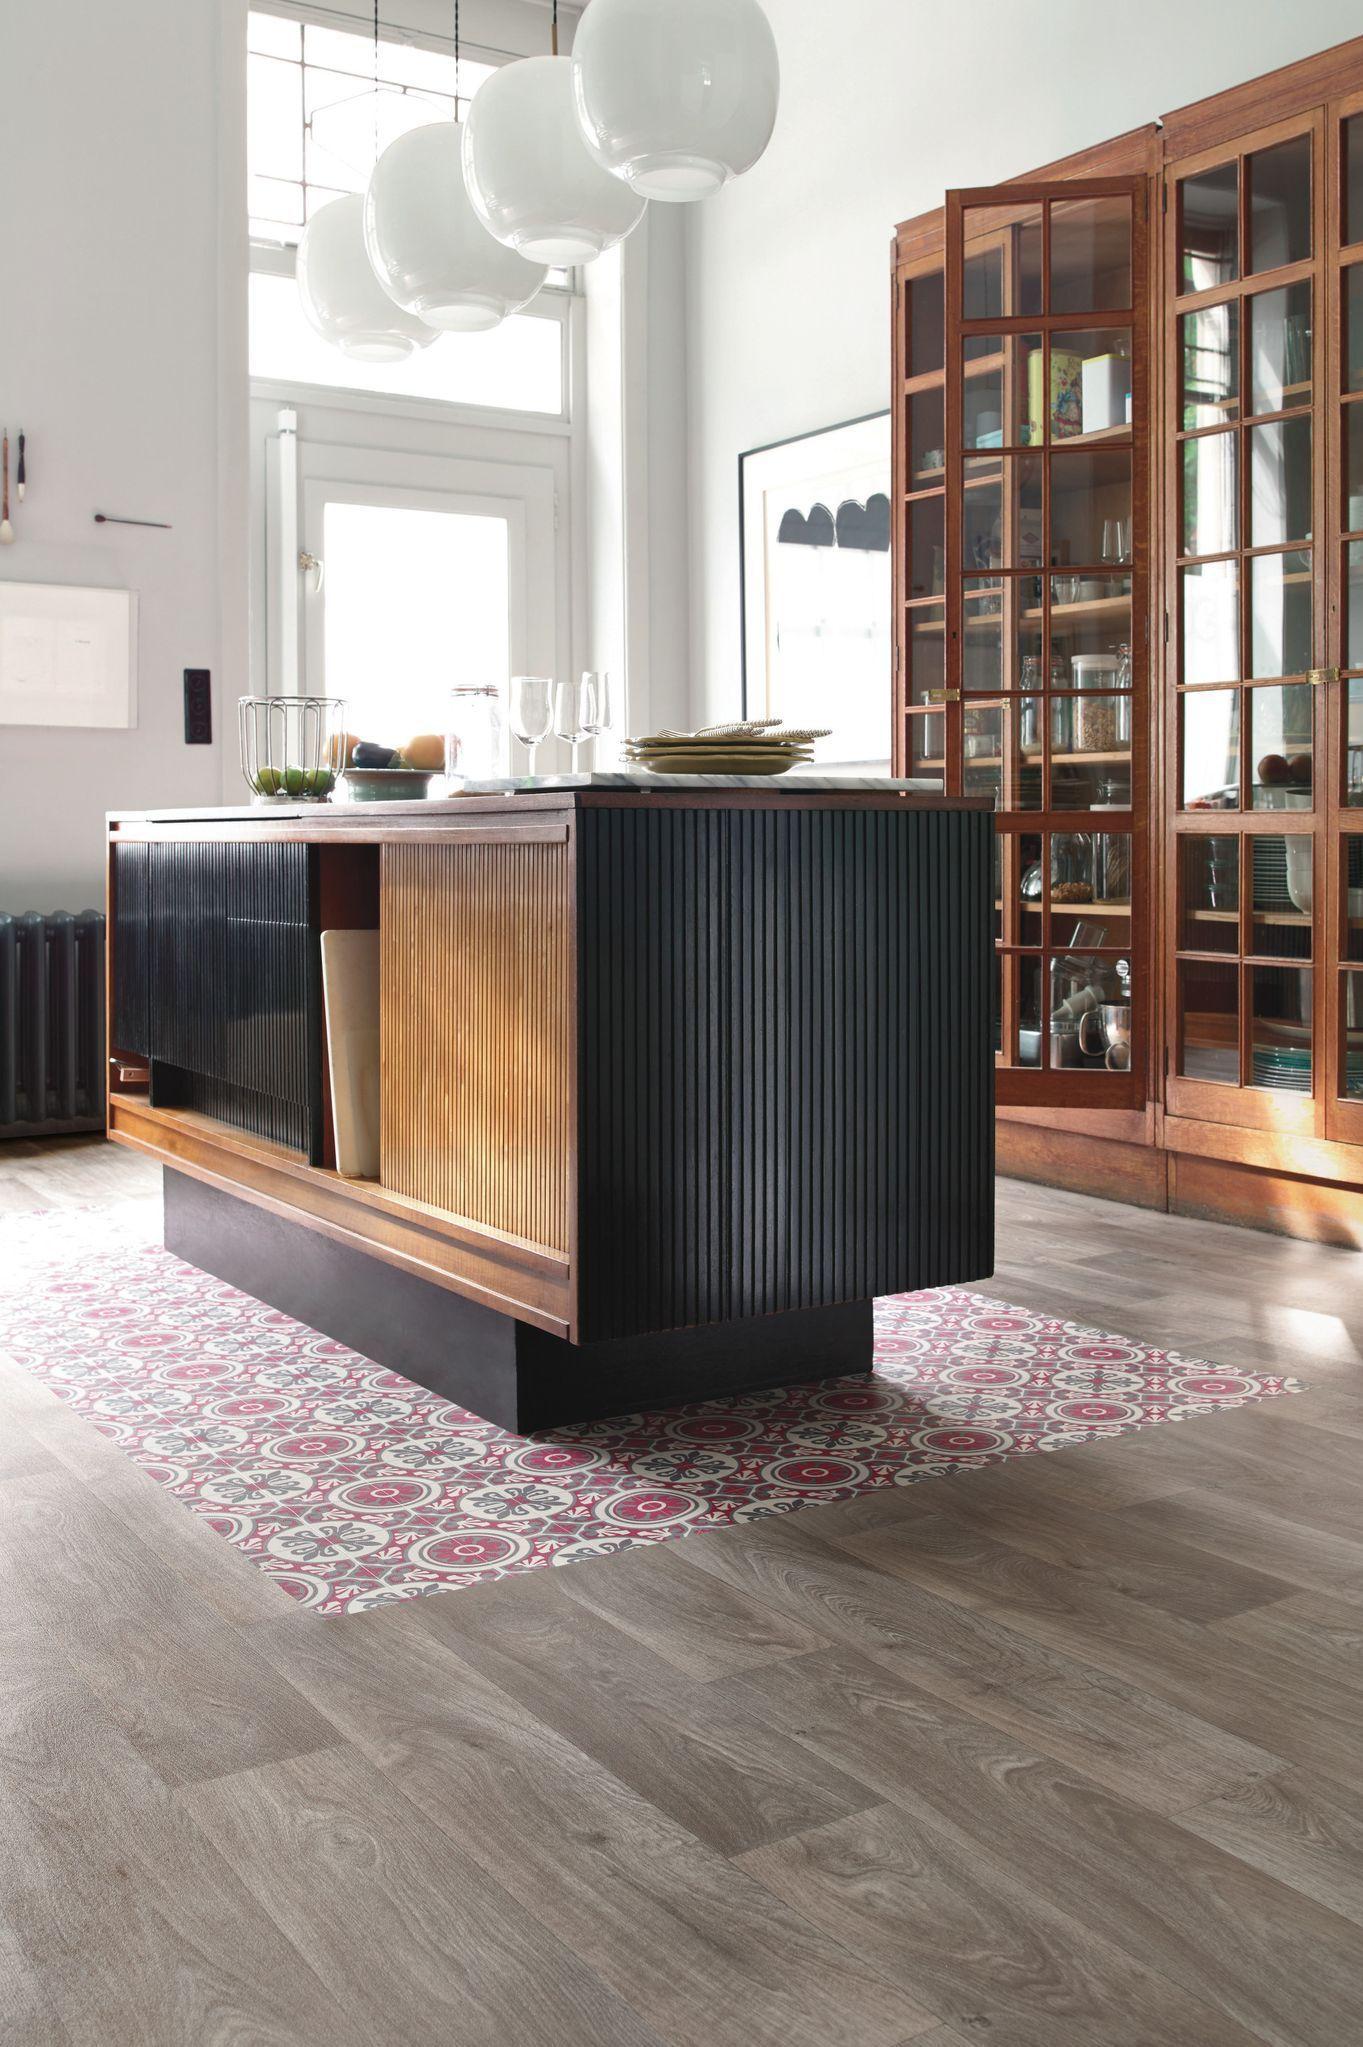 Casser Un Bar De Cuisine moderniser la cuisine, c'est possible en la rénovant sans